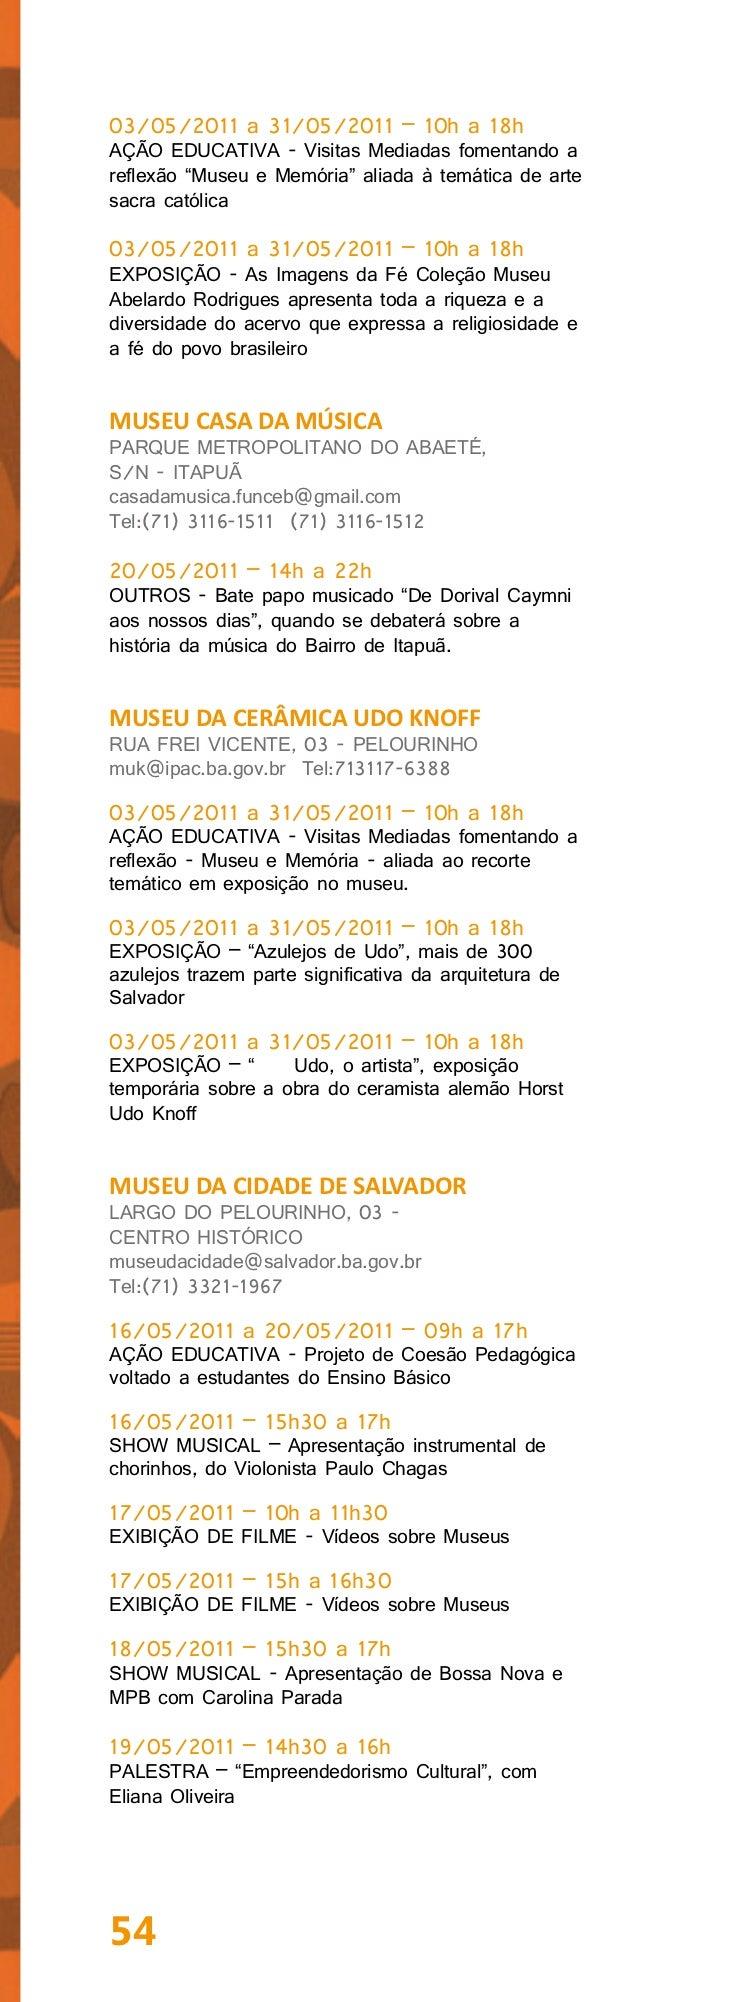 """20/05/2011 – 15h a 16h30EXIBIÇÃO DE FILME - Documentário """"Retratos deUm Tempo""""20/05/2011 – 10h a 11h30EXIBIÇÃO DE FILME - ..."""